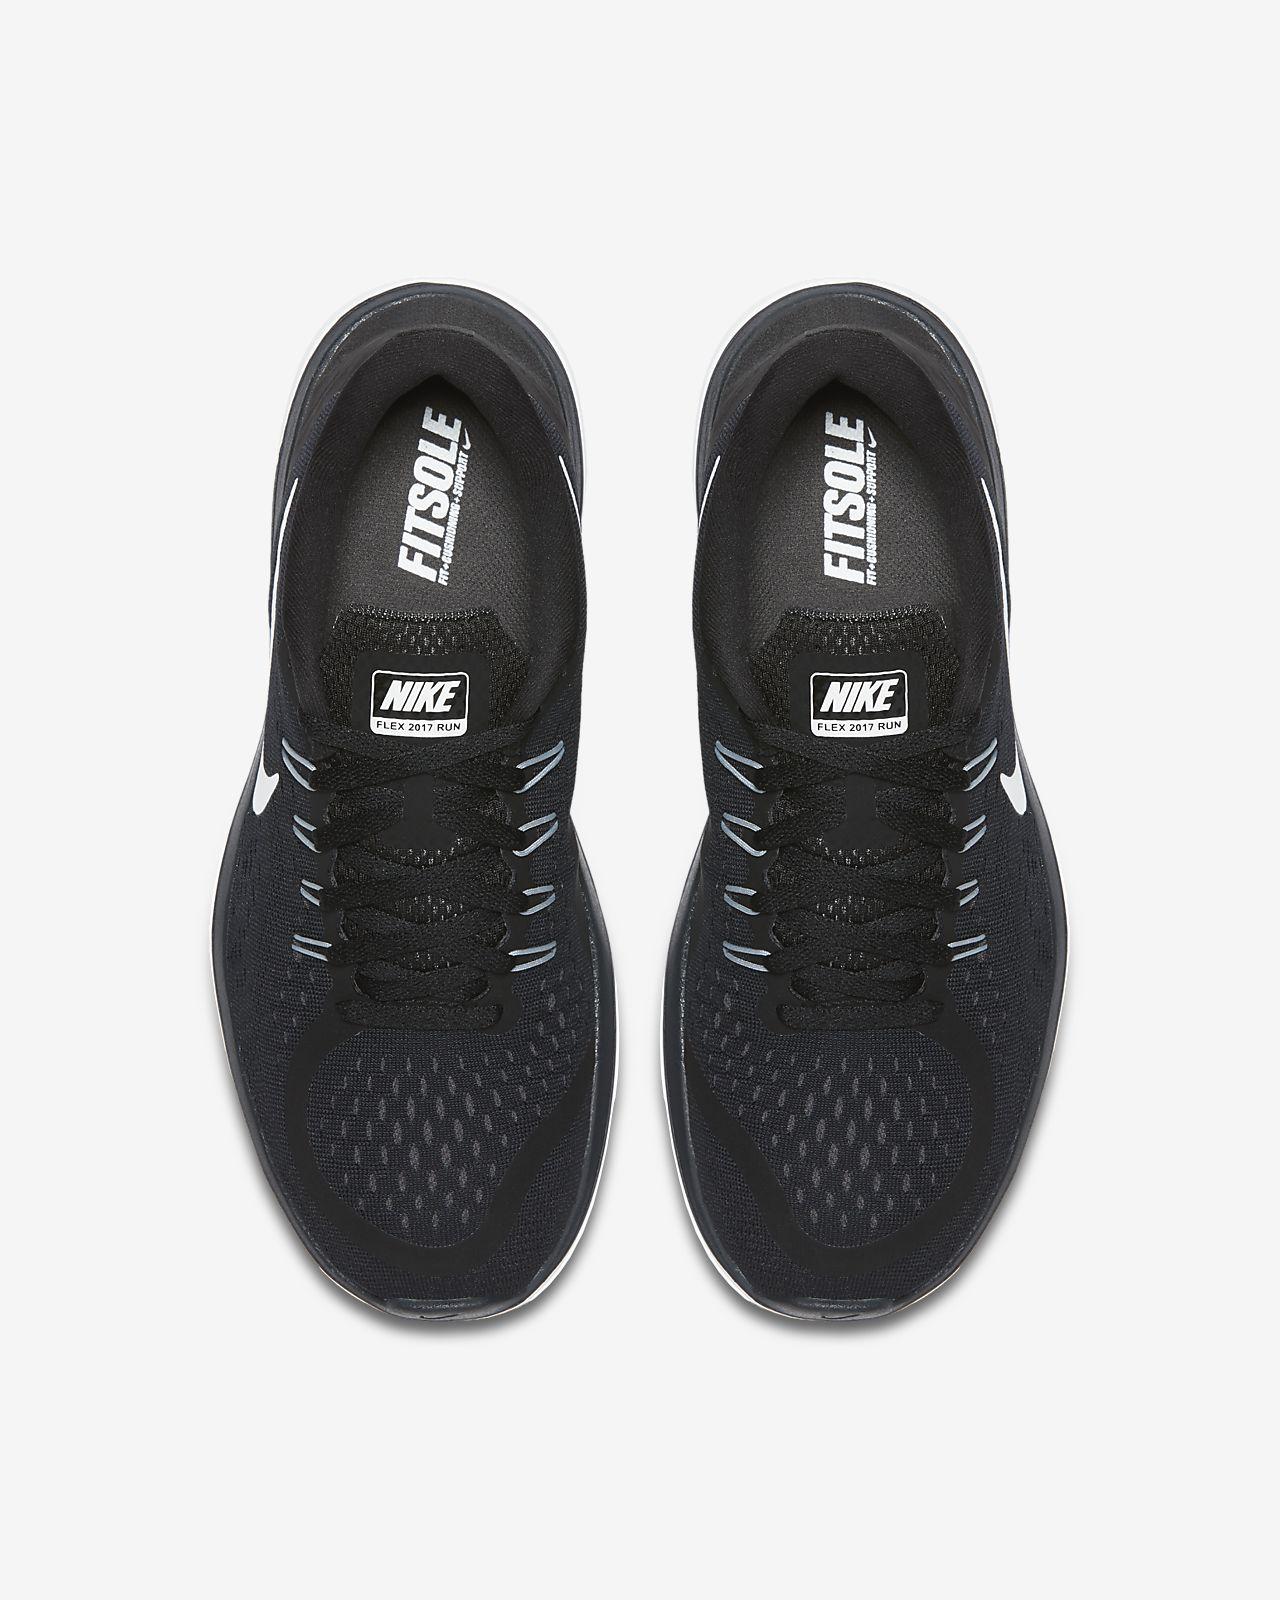 f8820ee71afc5 Calzado de running para mujer Nike Flex 2017 RN. Nike.com MX